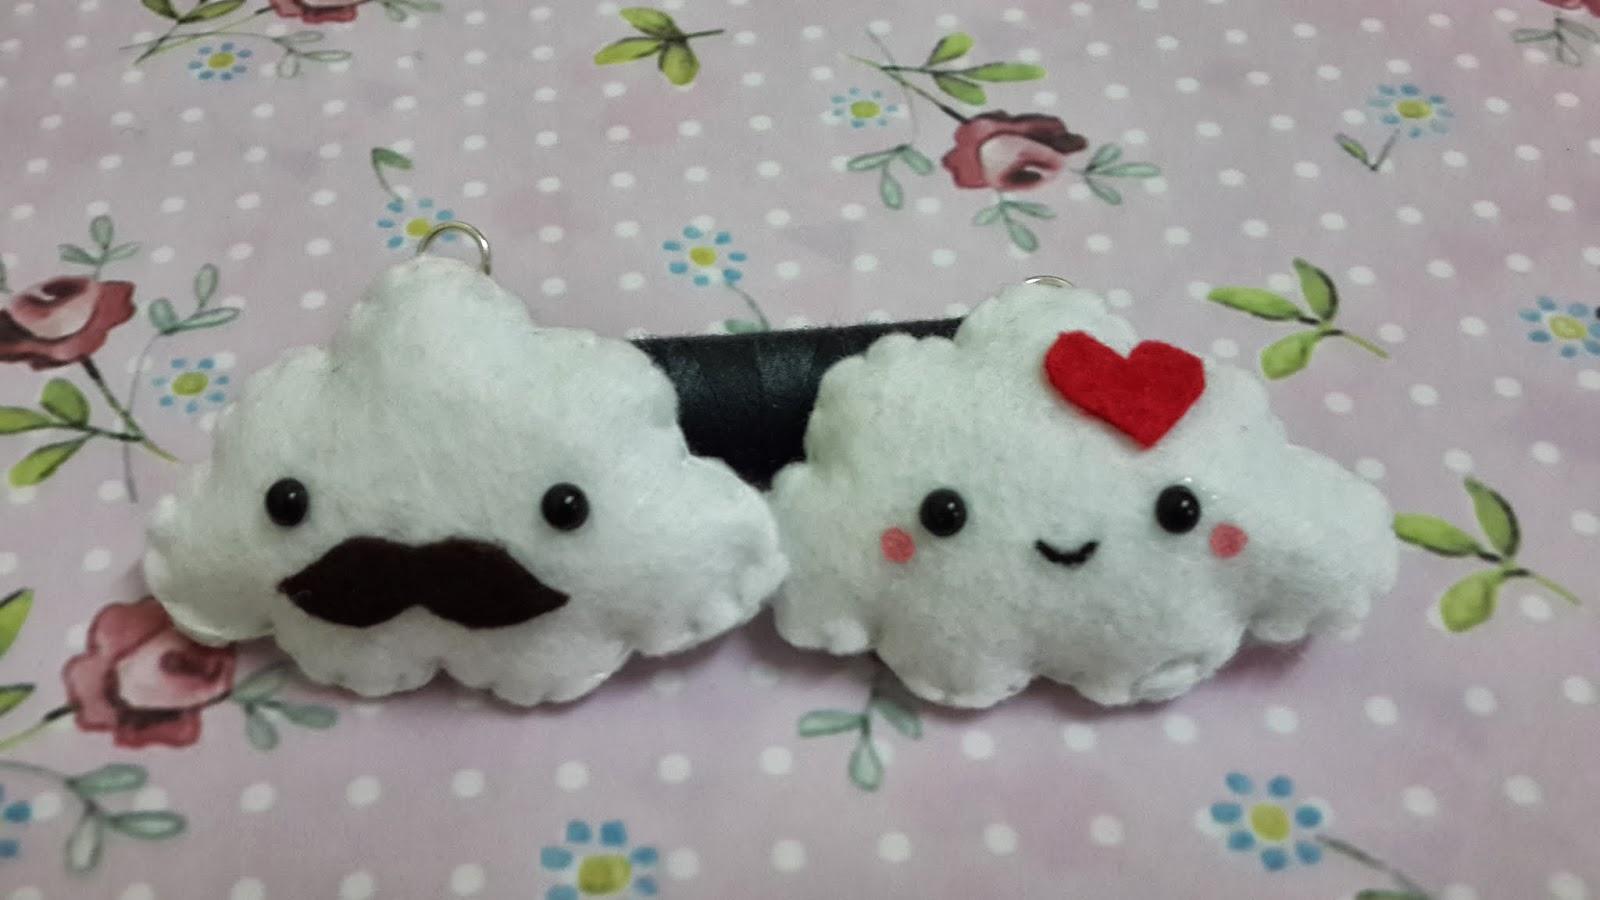 Dos broches de fieltro con forma nube, uno con bigote o otra con corazón